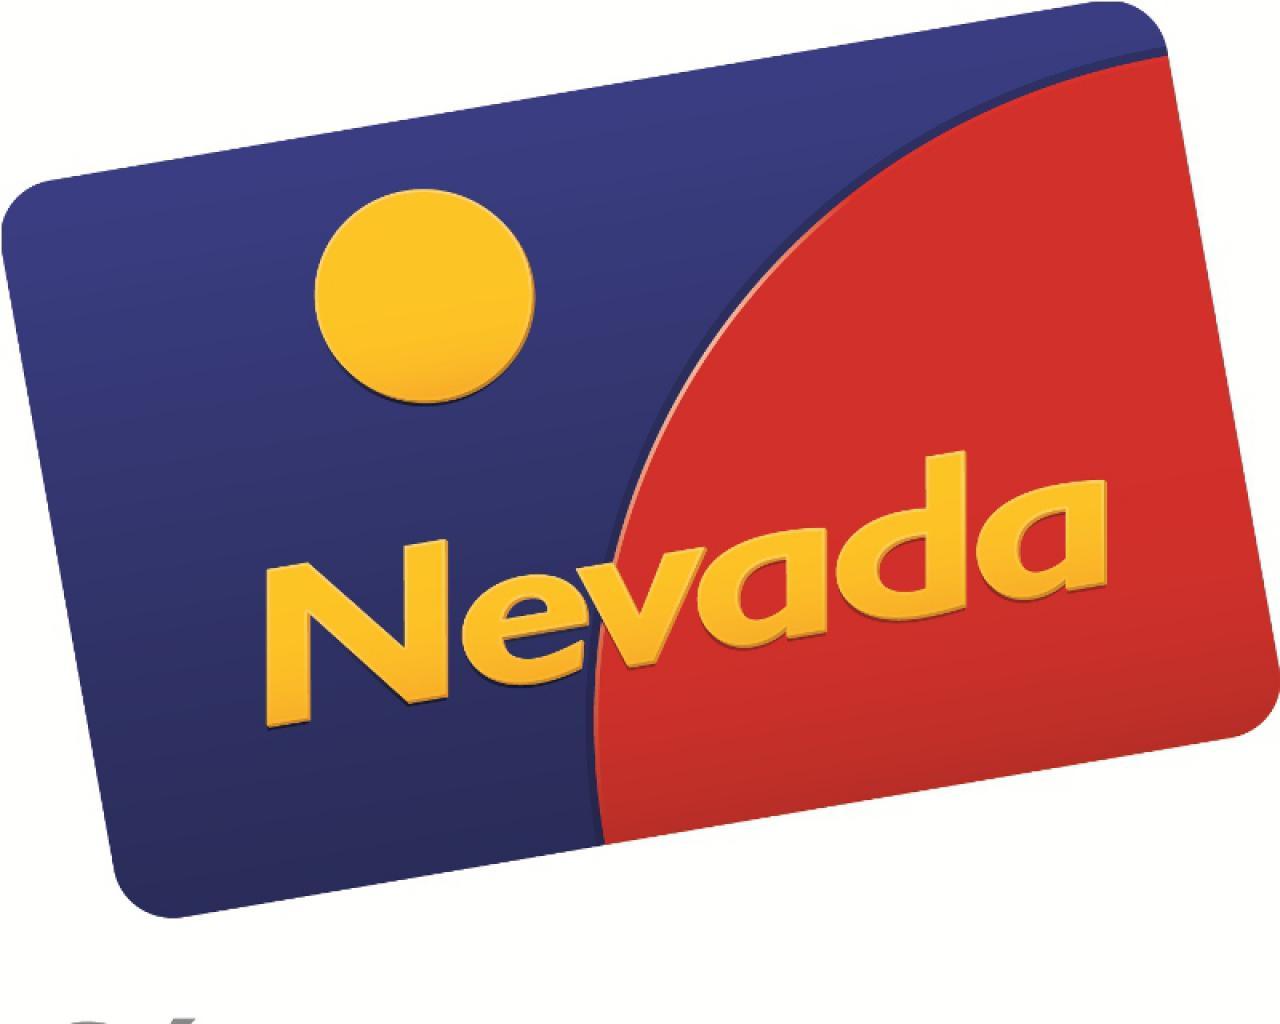 Resultado de imagen para nevada tarjeta logo